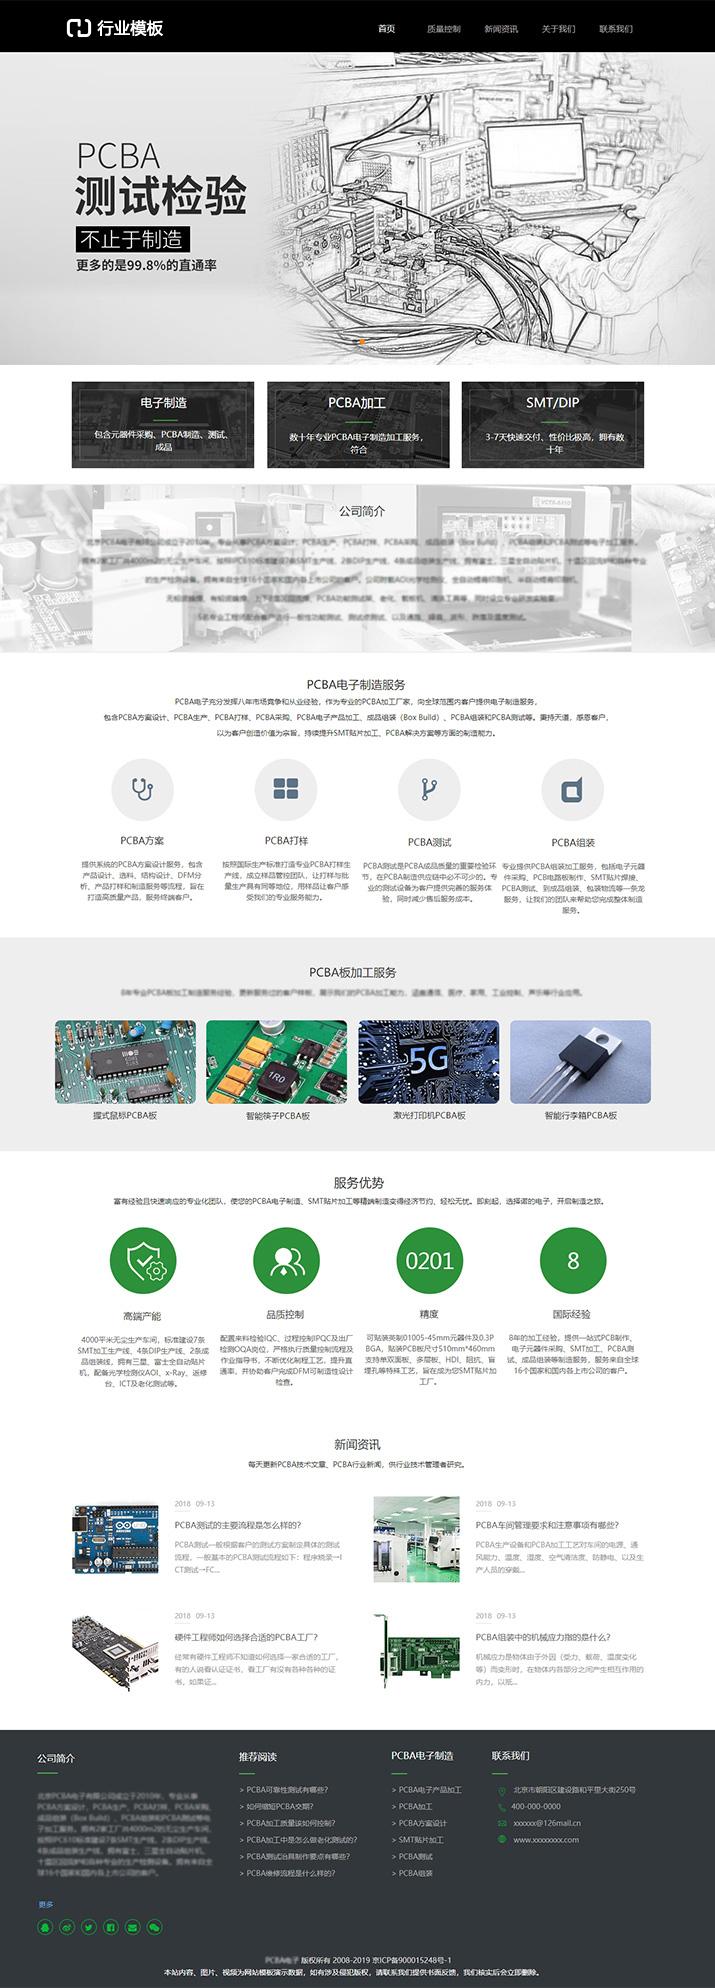 专业电子制造官网模板